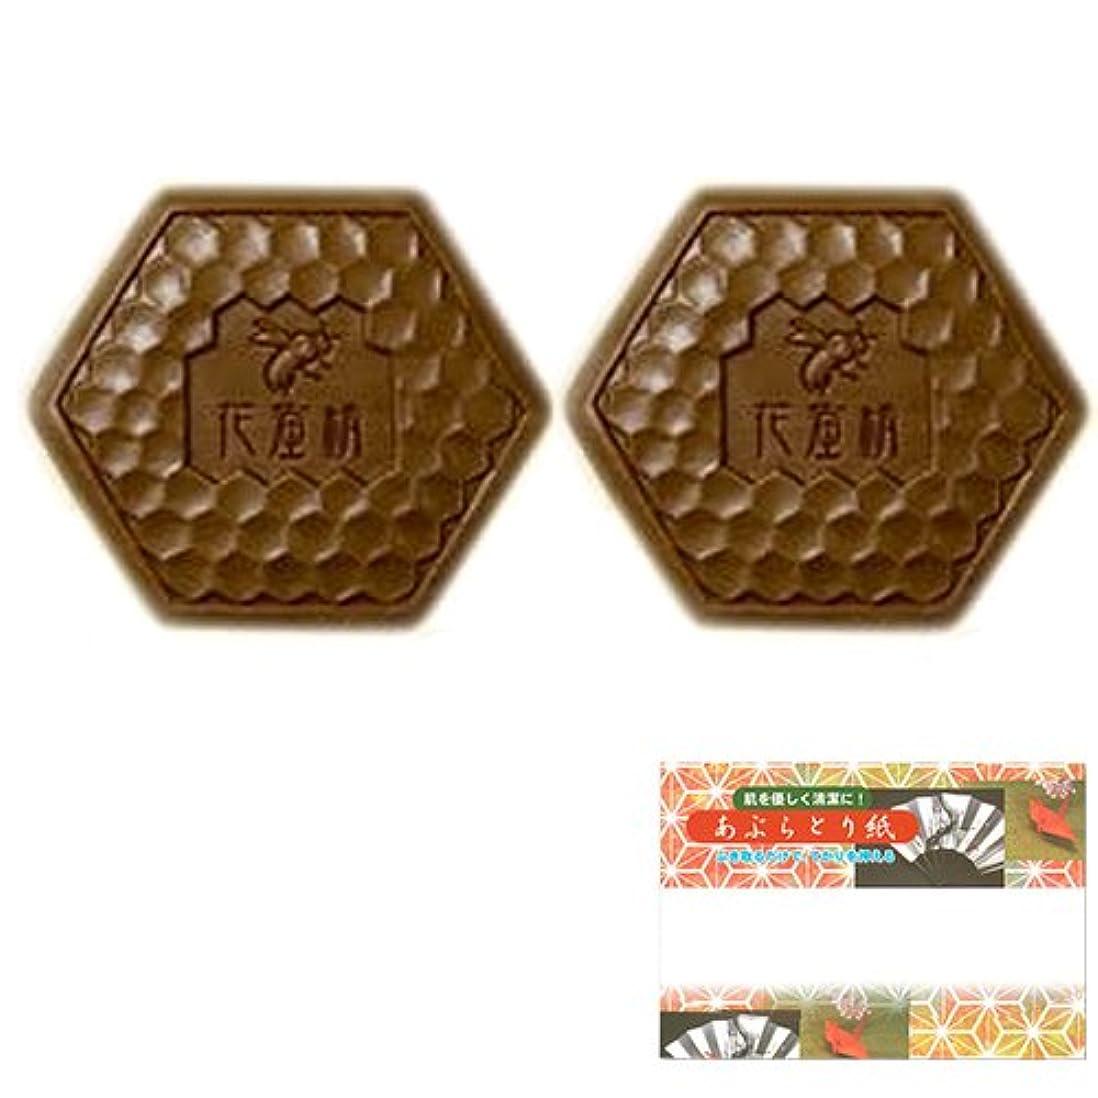 専門化するこどもの日コテージフェニックス 花蜜精(かみつせい) はちみつ クレンジングソープ 2個 + 高級あぶらとり紙セット